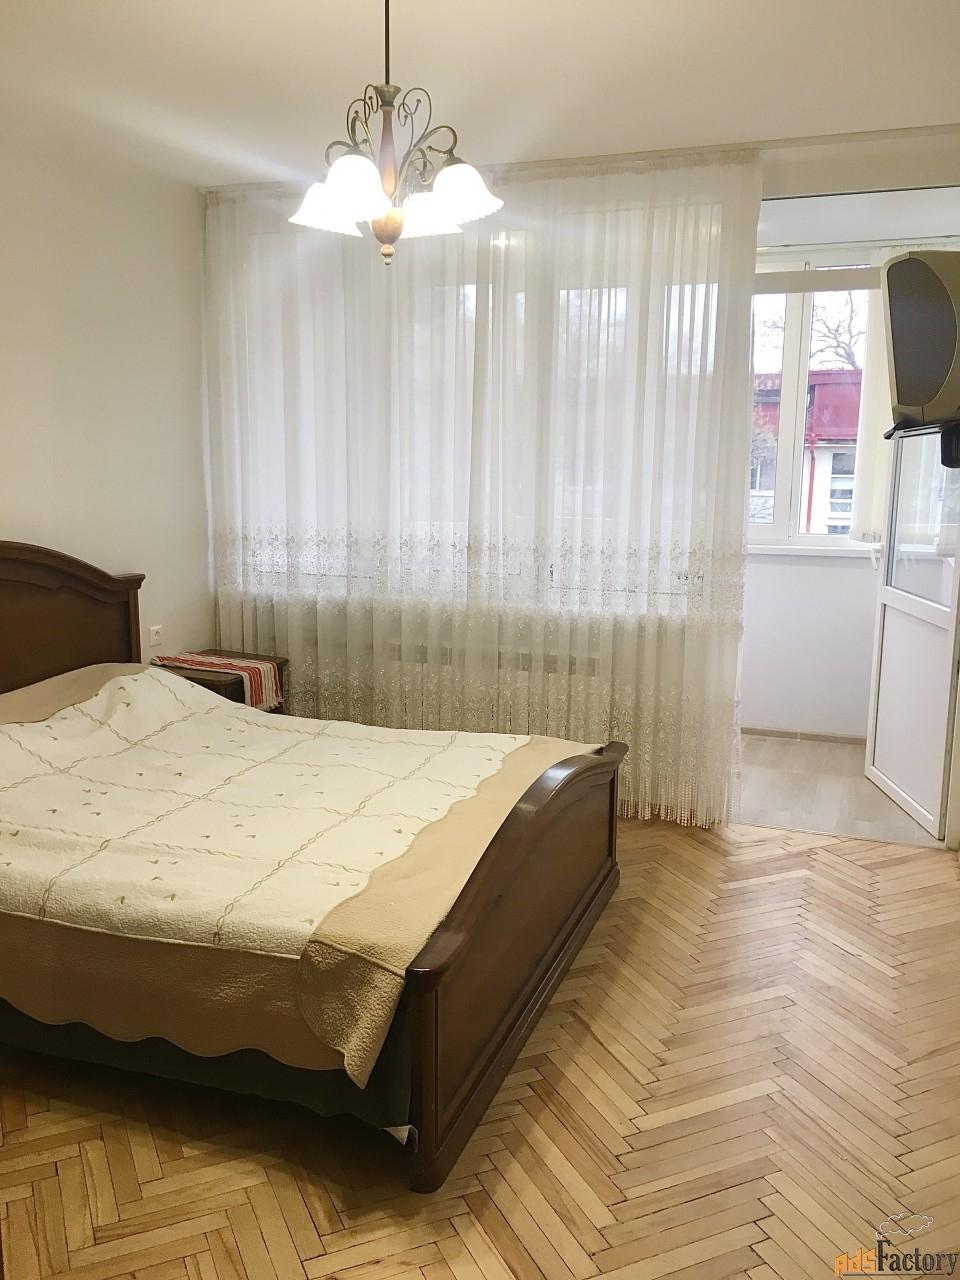 2 - комн.  квартира, 64 м², 7/14 эт.